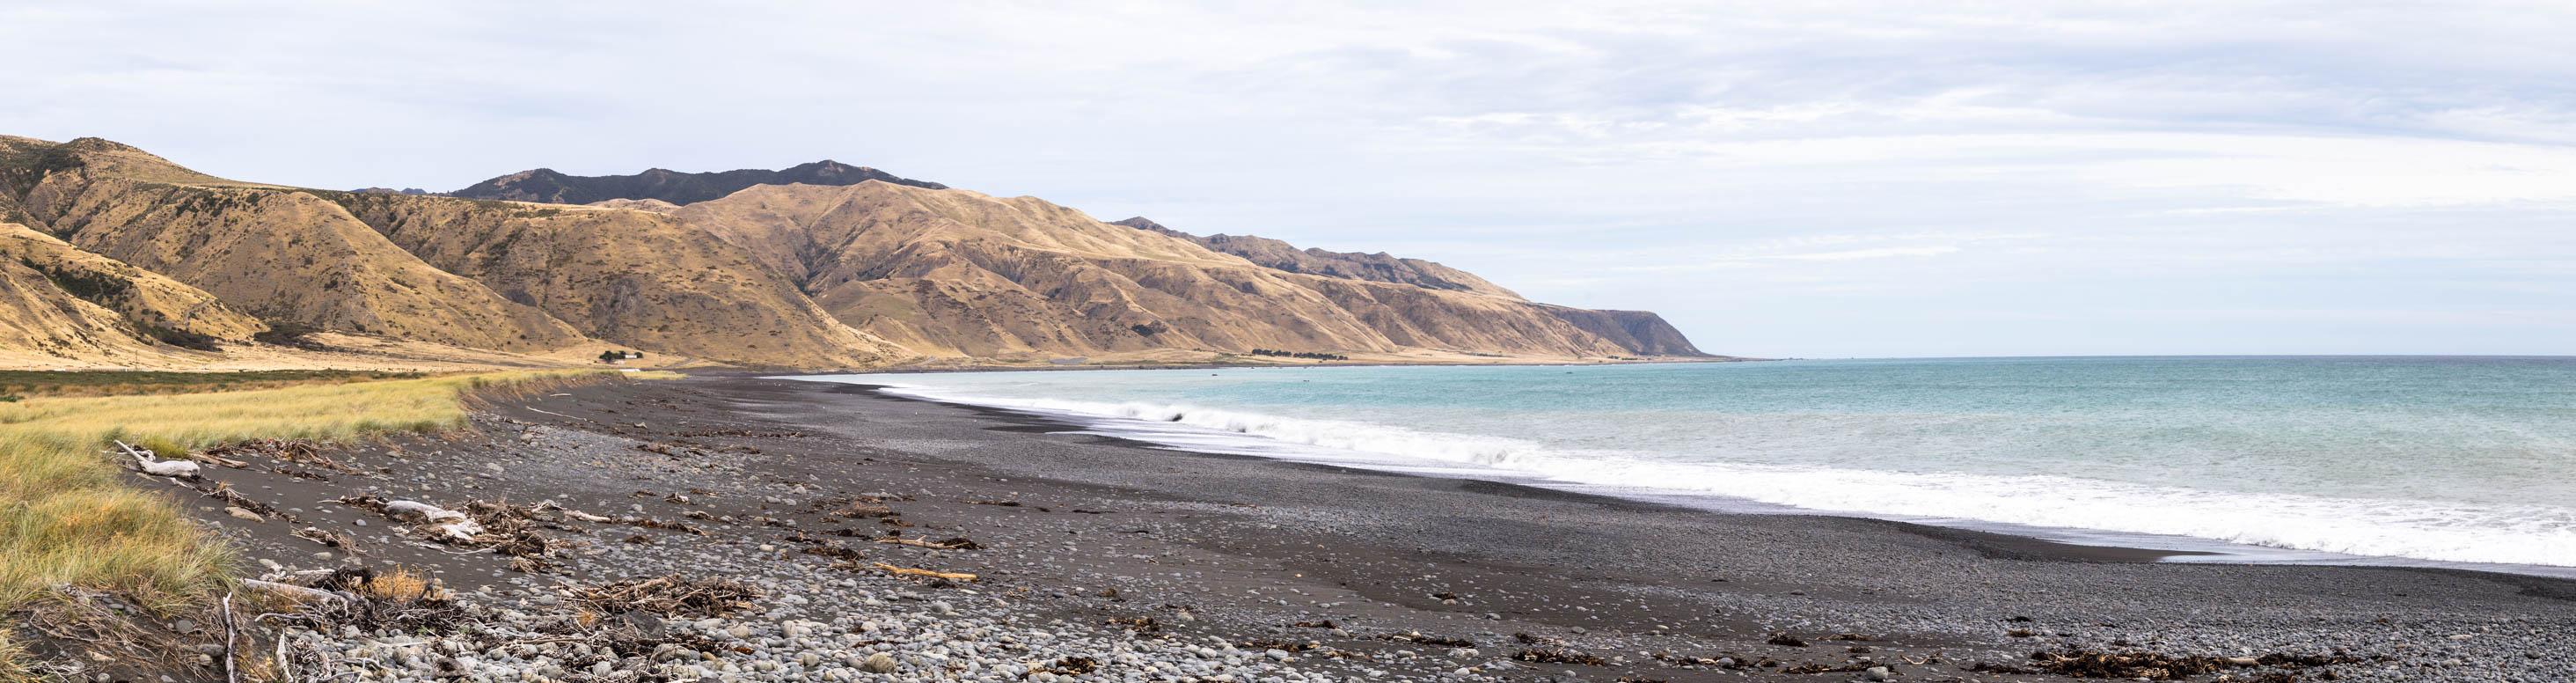 Cape Palliser Vulkan Strand